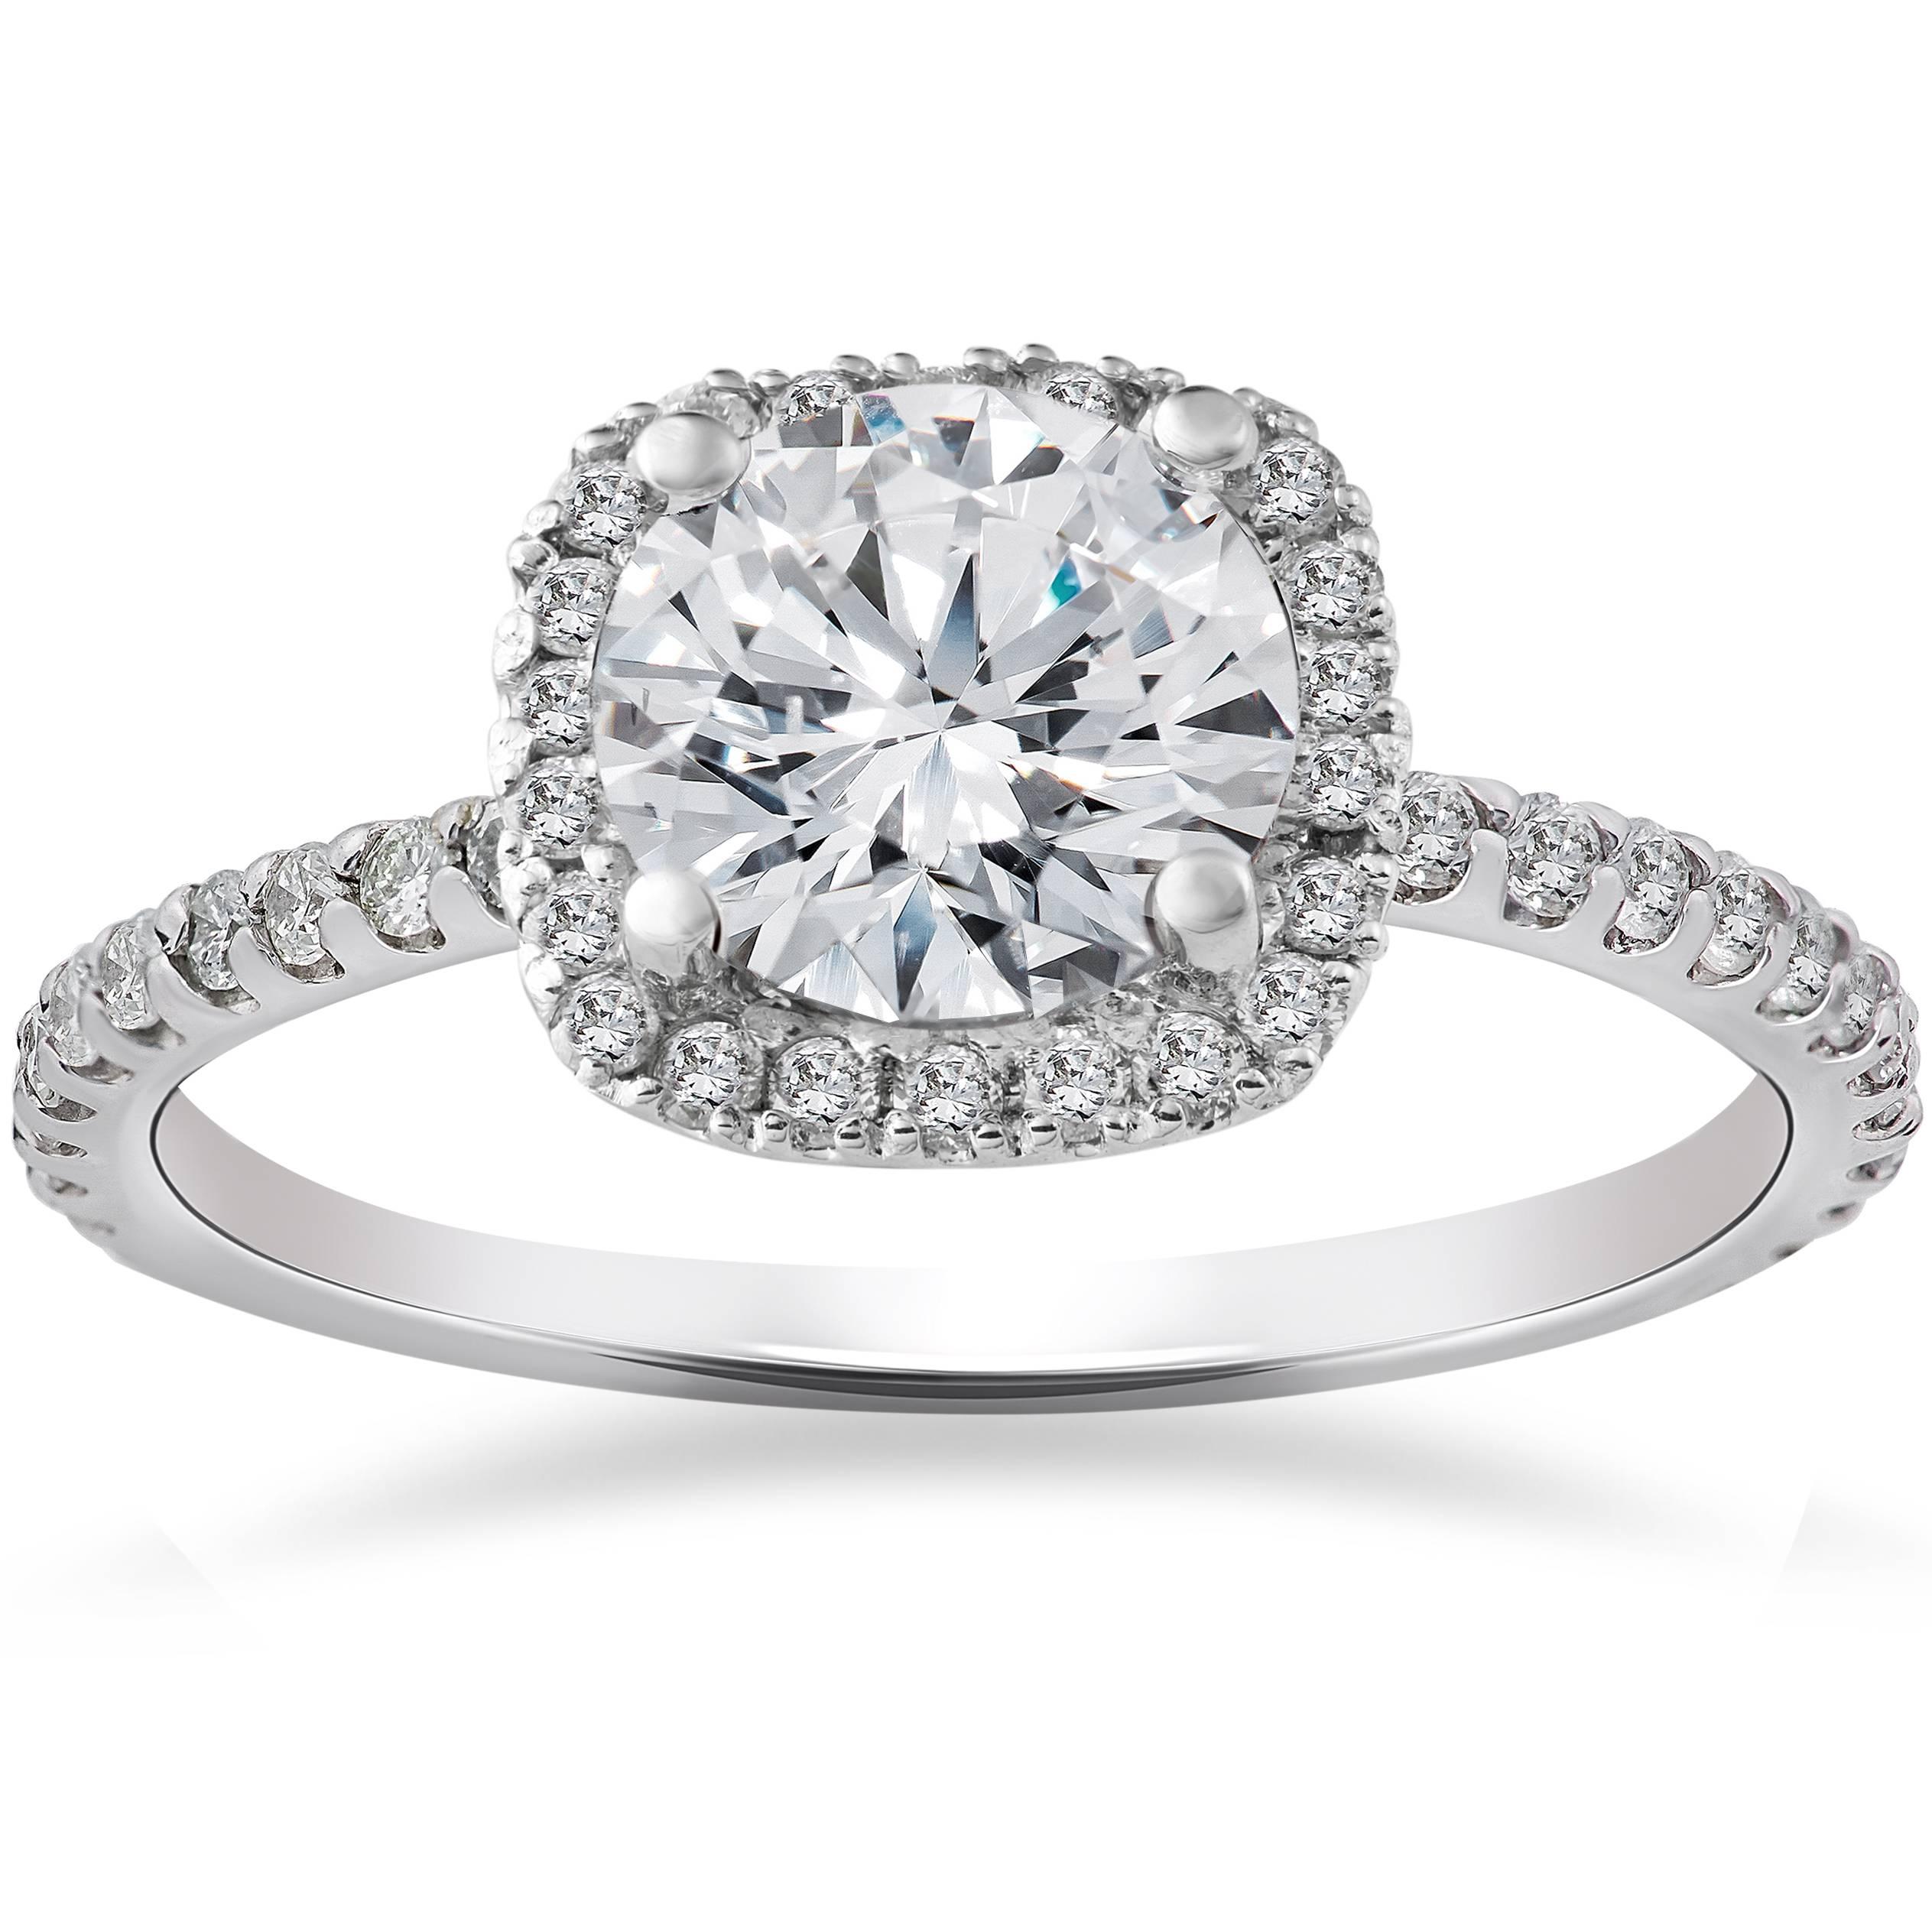 2 Carat Cushion Halo Enhanced Diamond Engagement Ring 14K White Gold | EBay